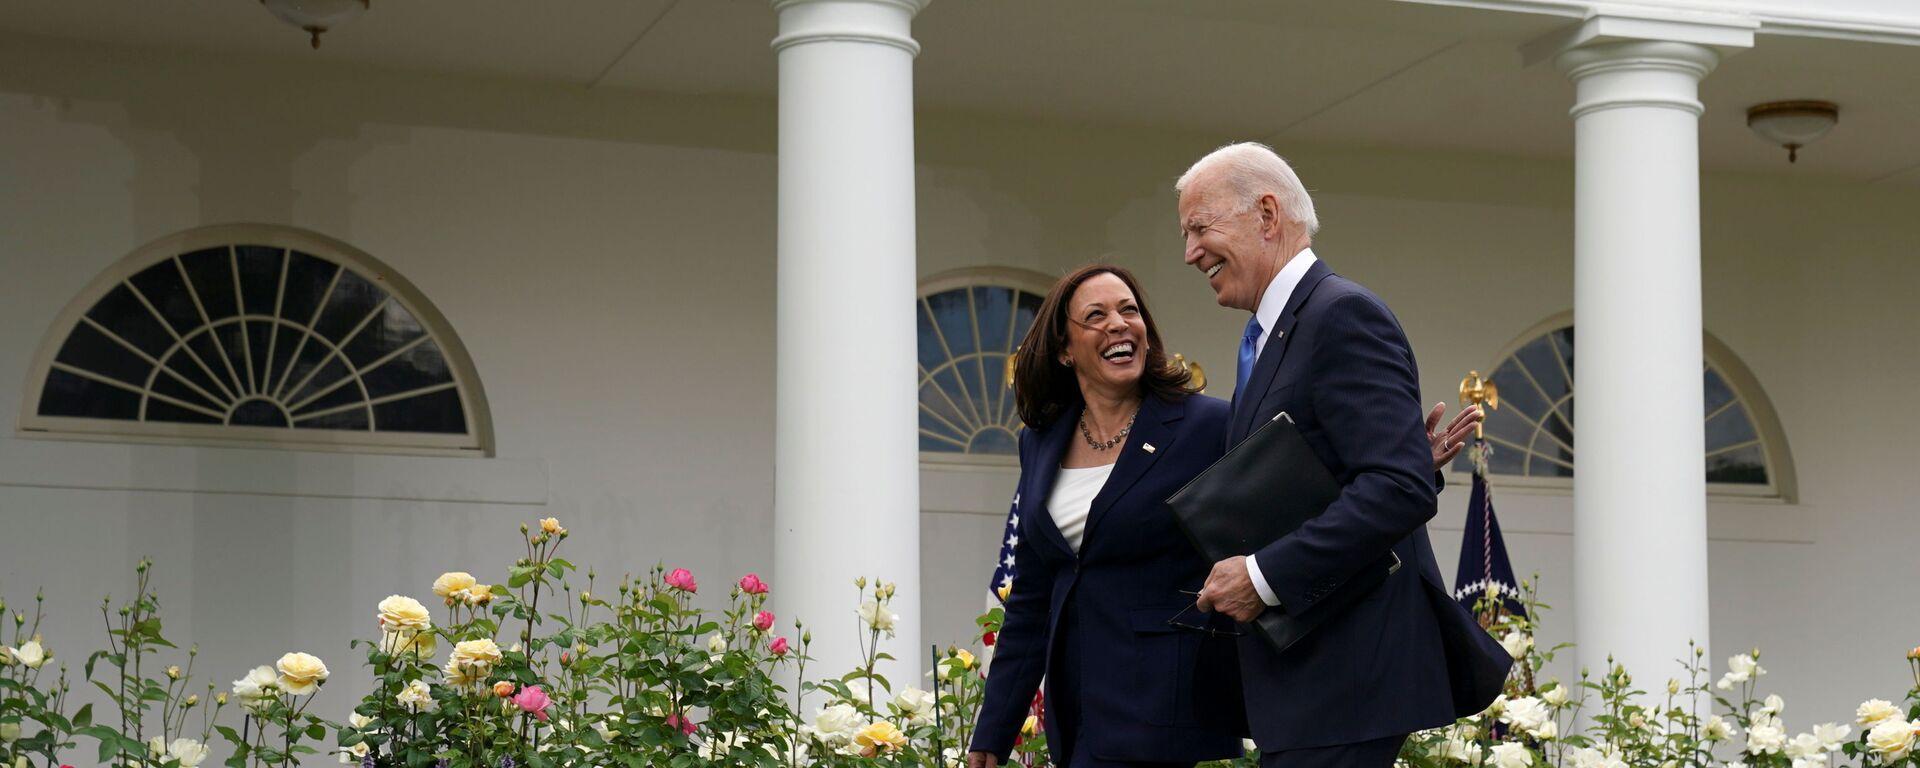 Prezident USA Joe Biden a viceprezidentka Kamala Harrisová - Sputnik Česká republika, 1920, 25.05.2021